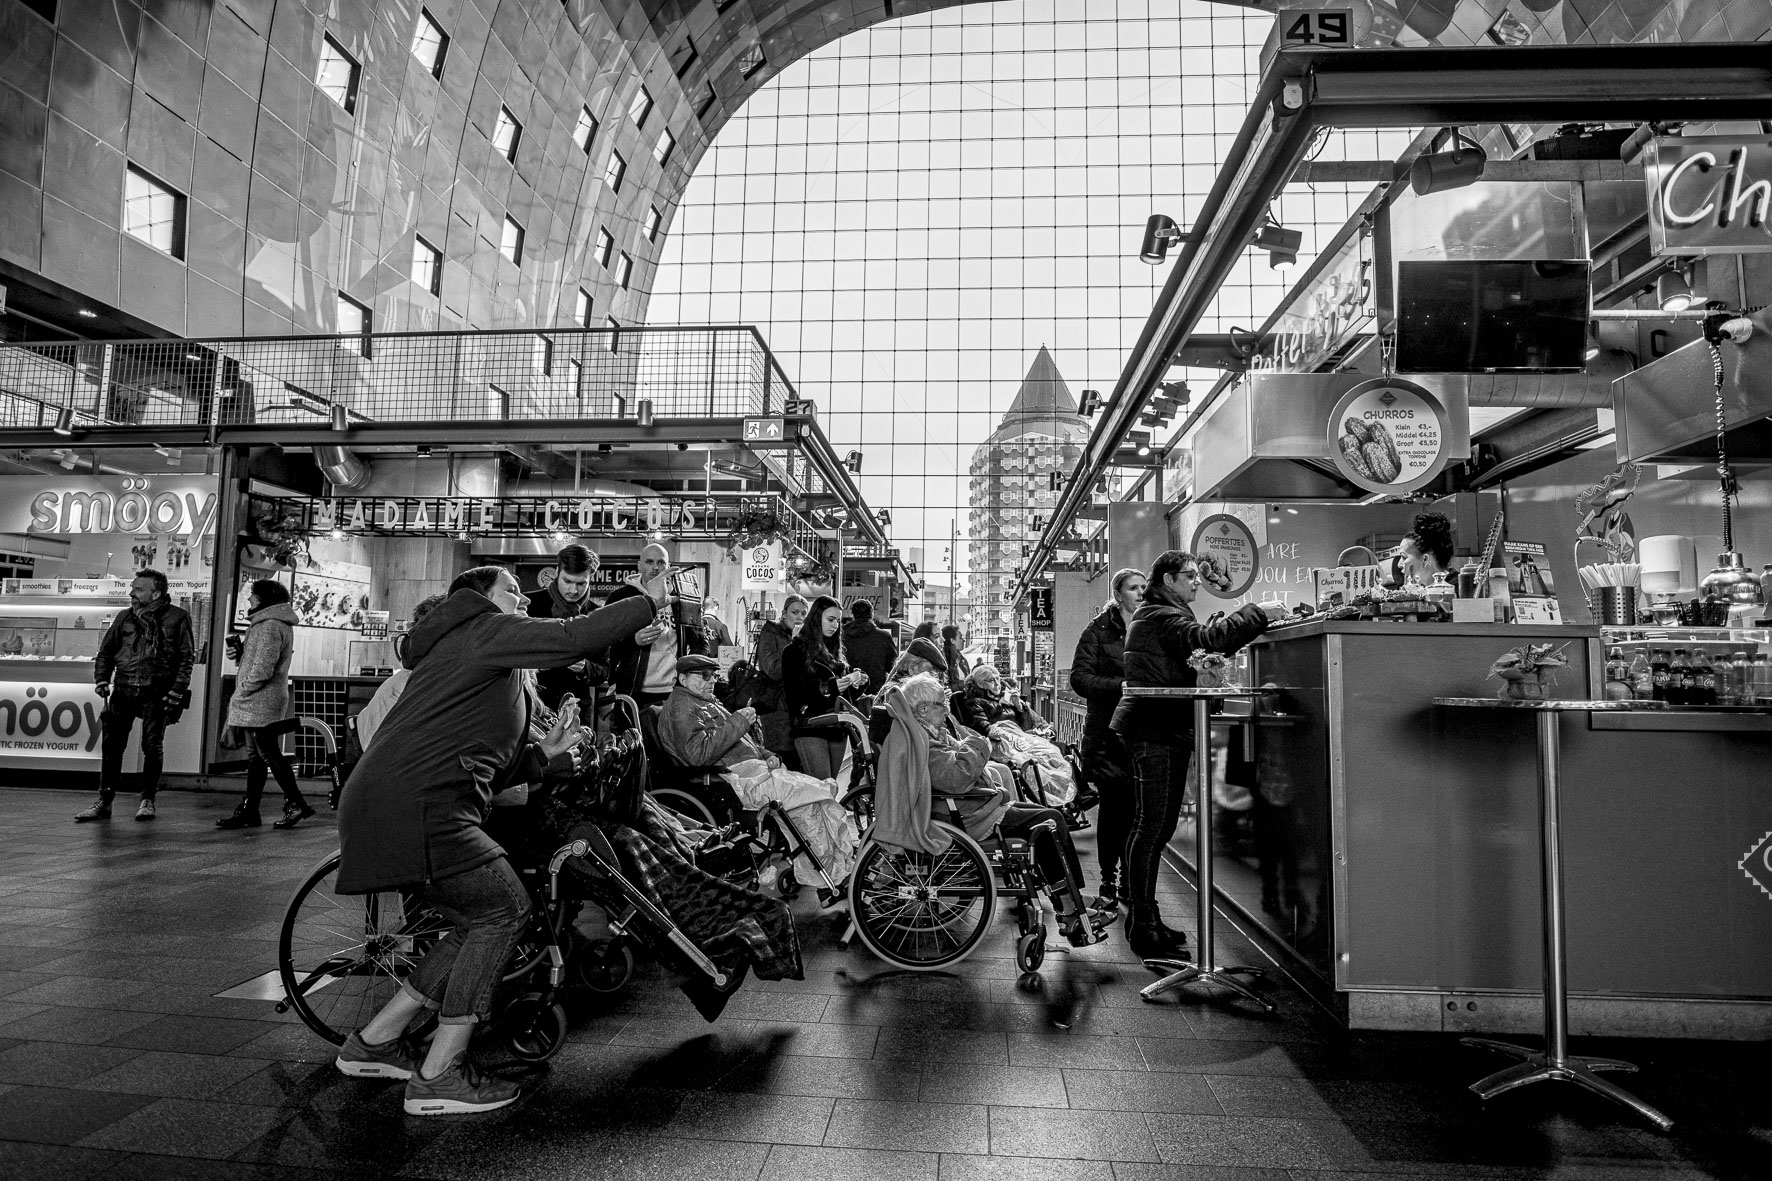 Rotterdam Market Hall Customers on wheels  ©martin_schitto @fotomartsch